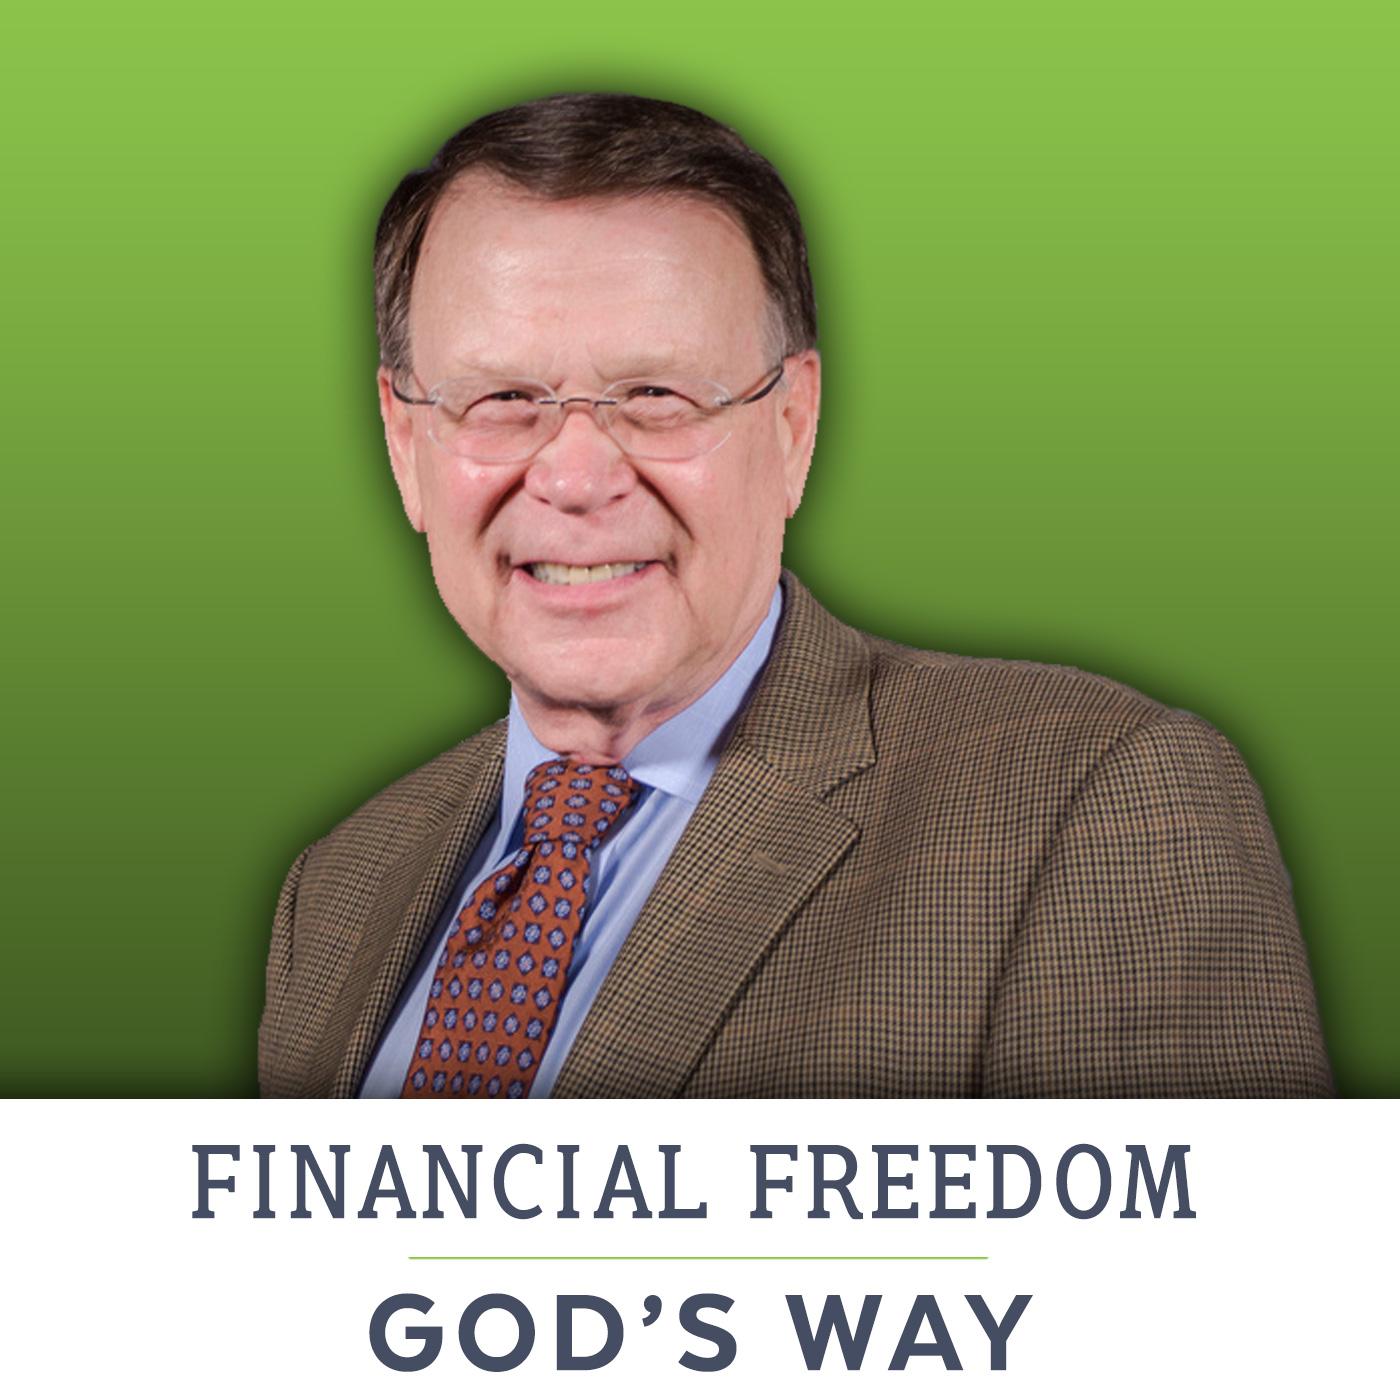 Financial Freedom God's Way